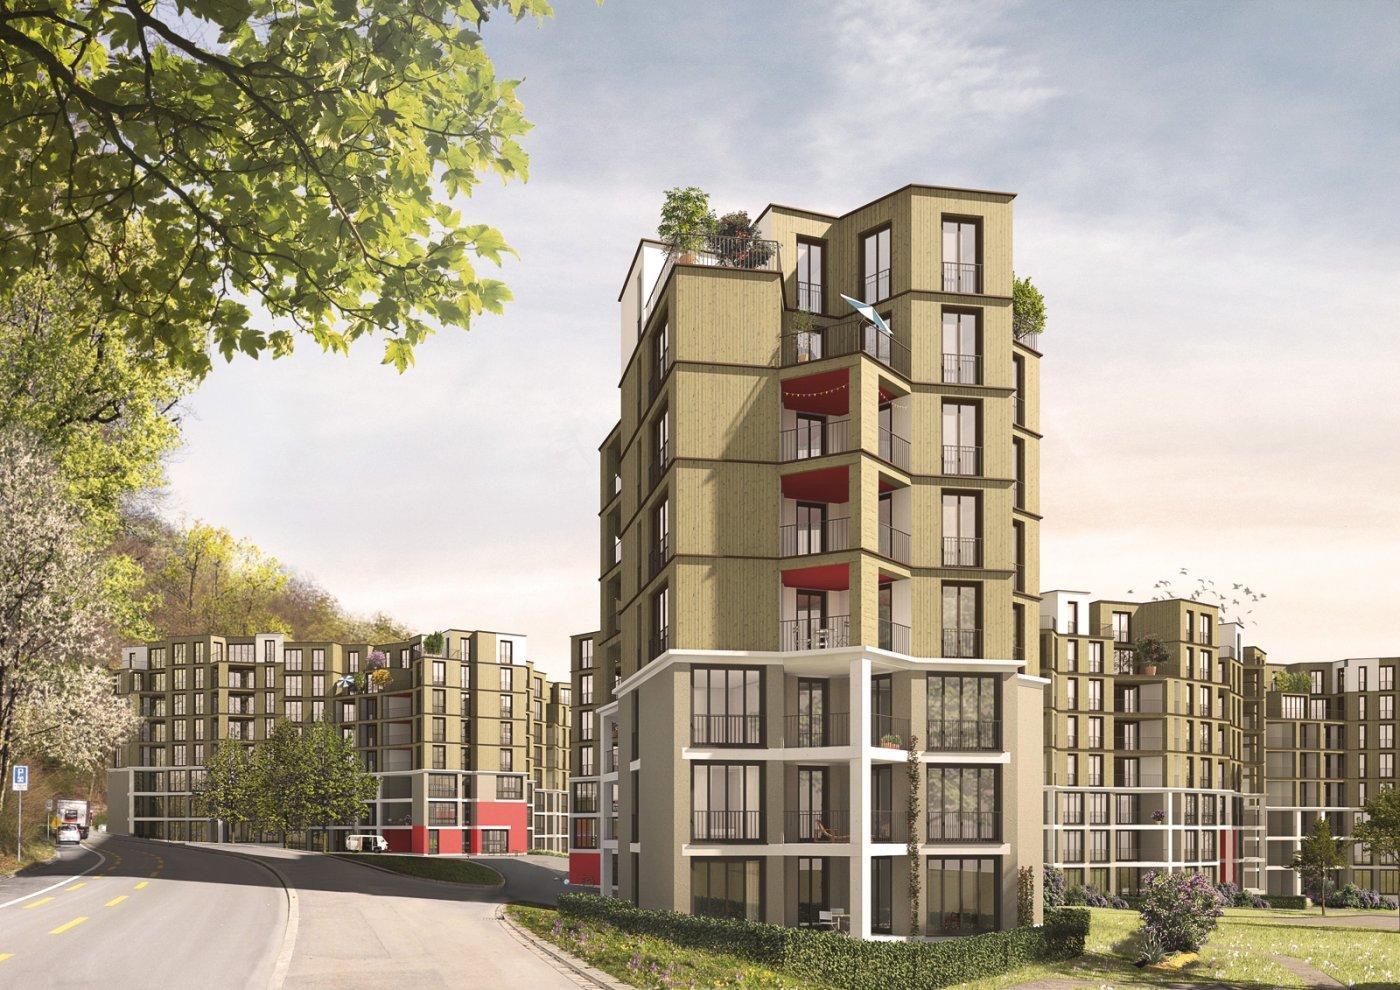 Wohnüberbauung Guggach II, Zürich-Unterstrass, Kaschka Knapkiewicz + Axel Fickert Architekten, Santorin